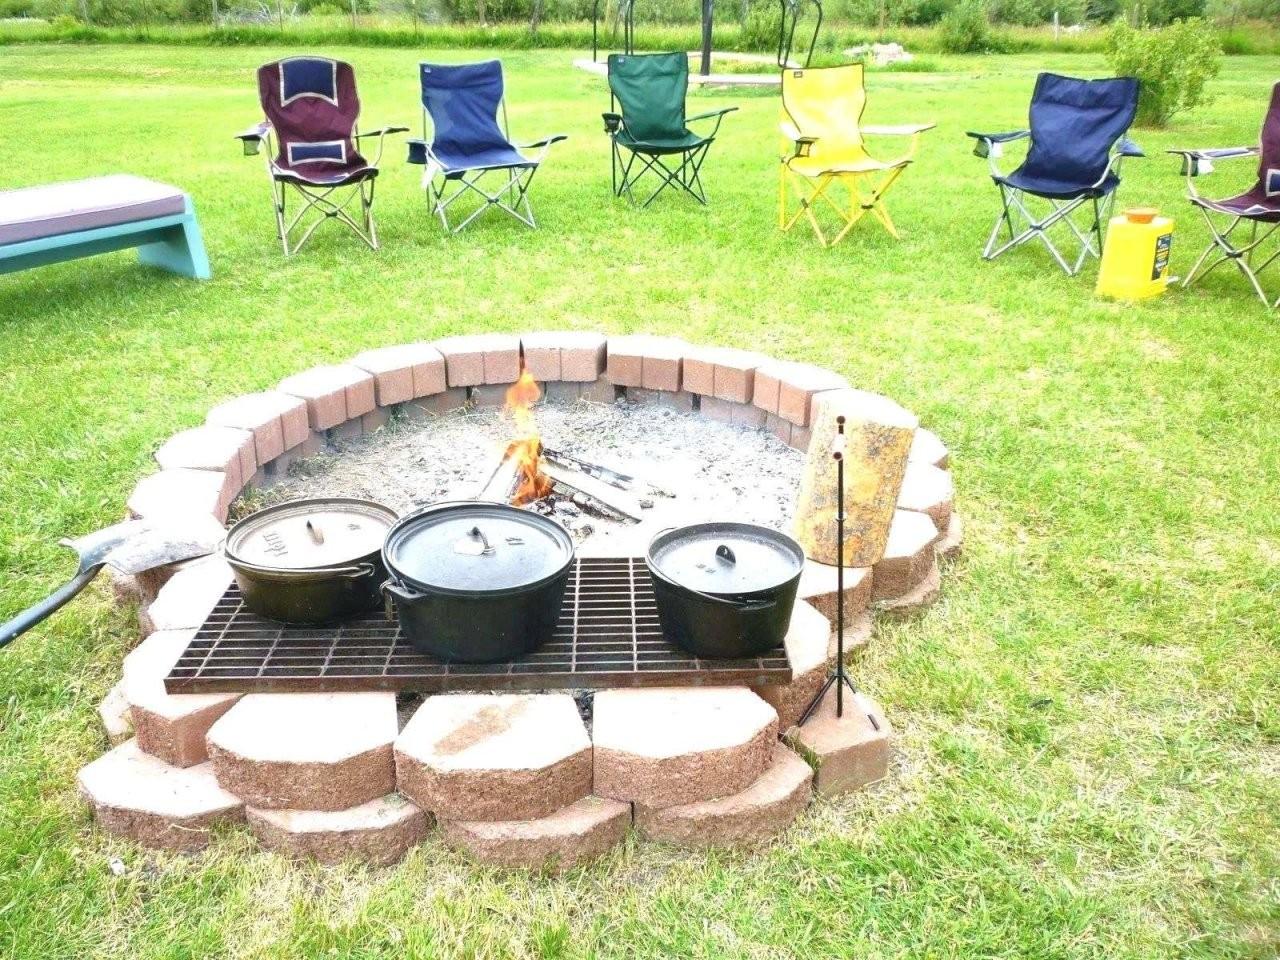 Feuerstelle Im Garten Erlaubt Reizend Tolle 35 Feuerstelle Garten von Feuerstelle Im Garten Bilder Photo